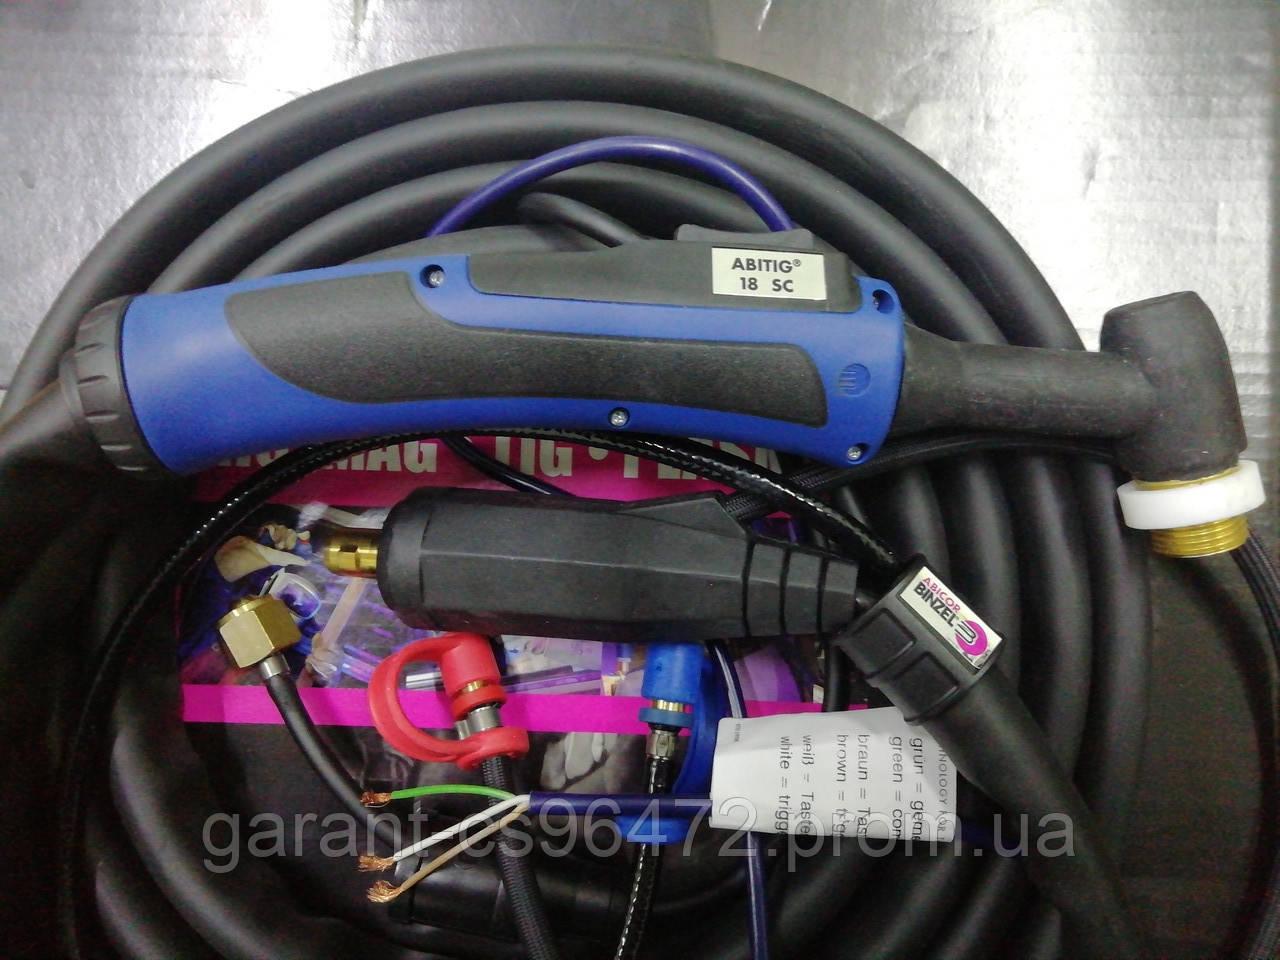 Сварочная горелка ABITIG® GRIP SC 18 (4 метровая)охлаждение жидкость, управление подачи газа кнопкой